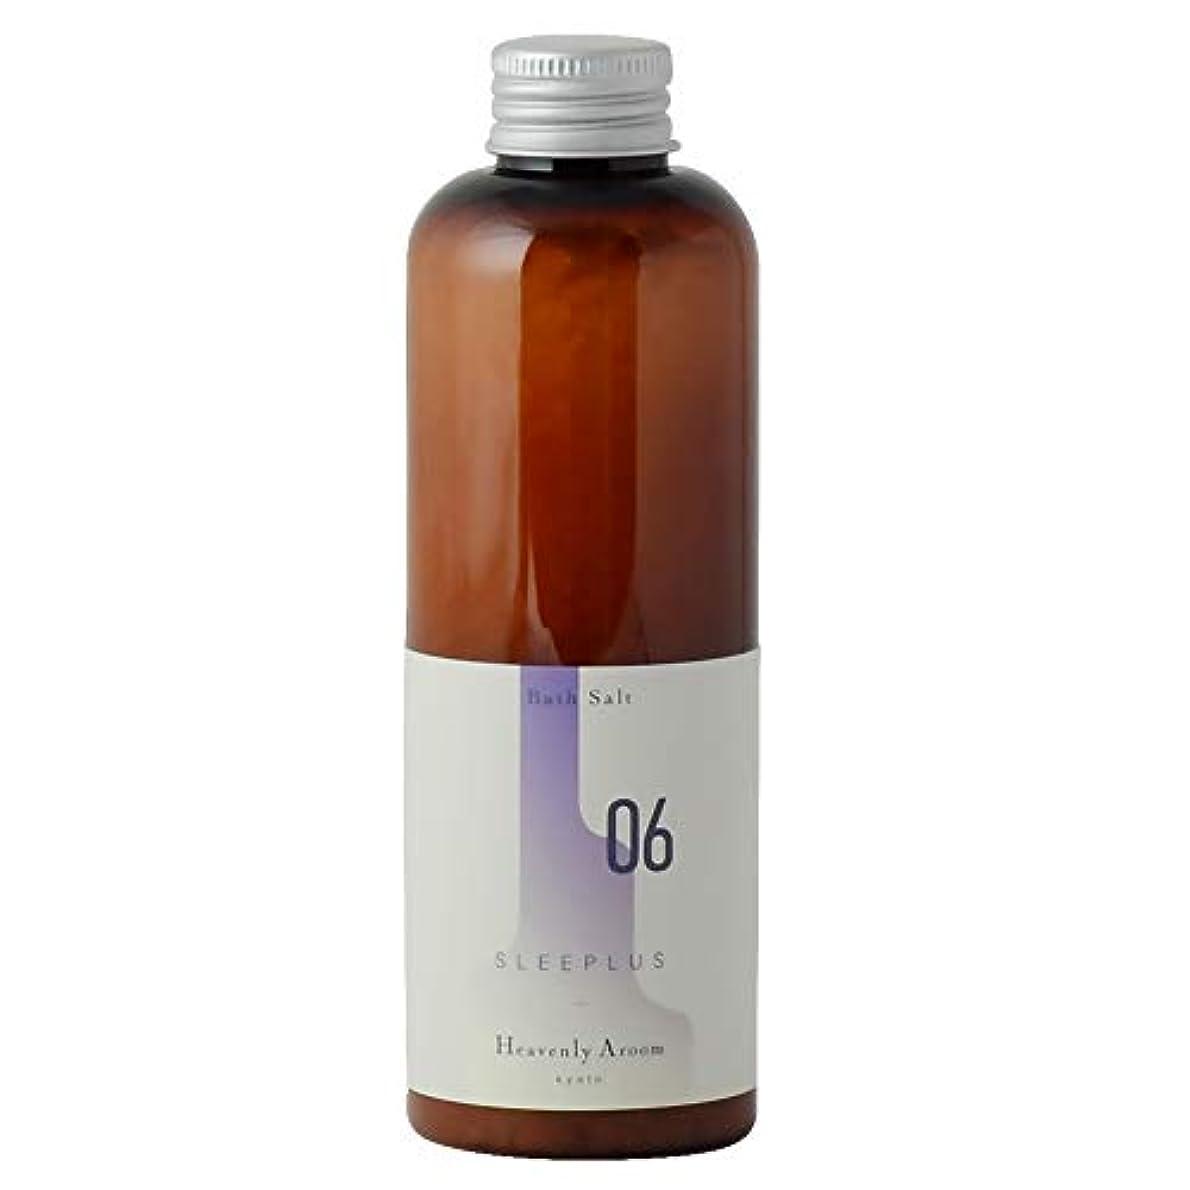 バスルーム繊維つなぐHeavenly Aroom バスソルト SLEEPLUS 06 ラベンダーバニラ 240g